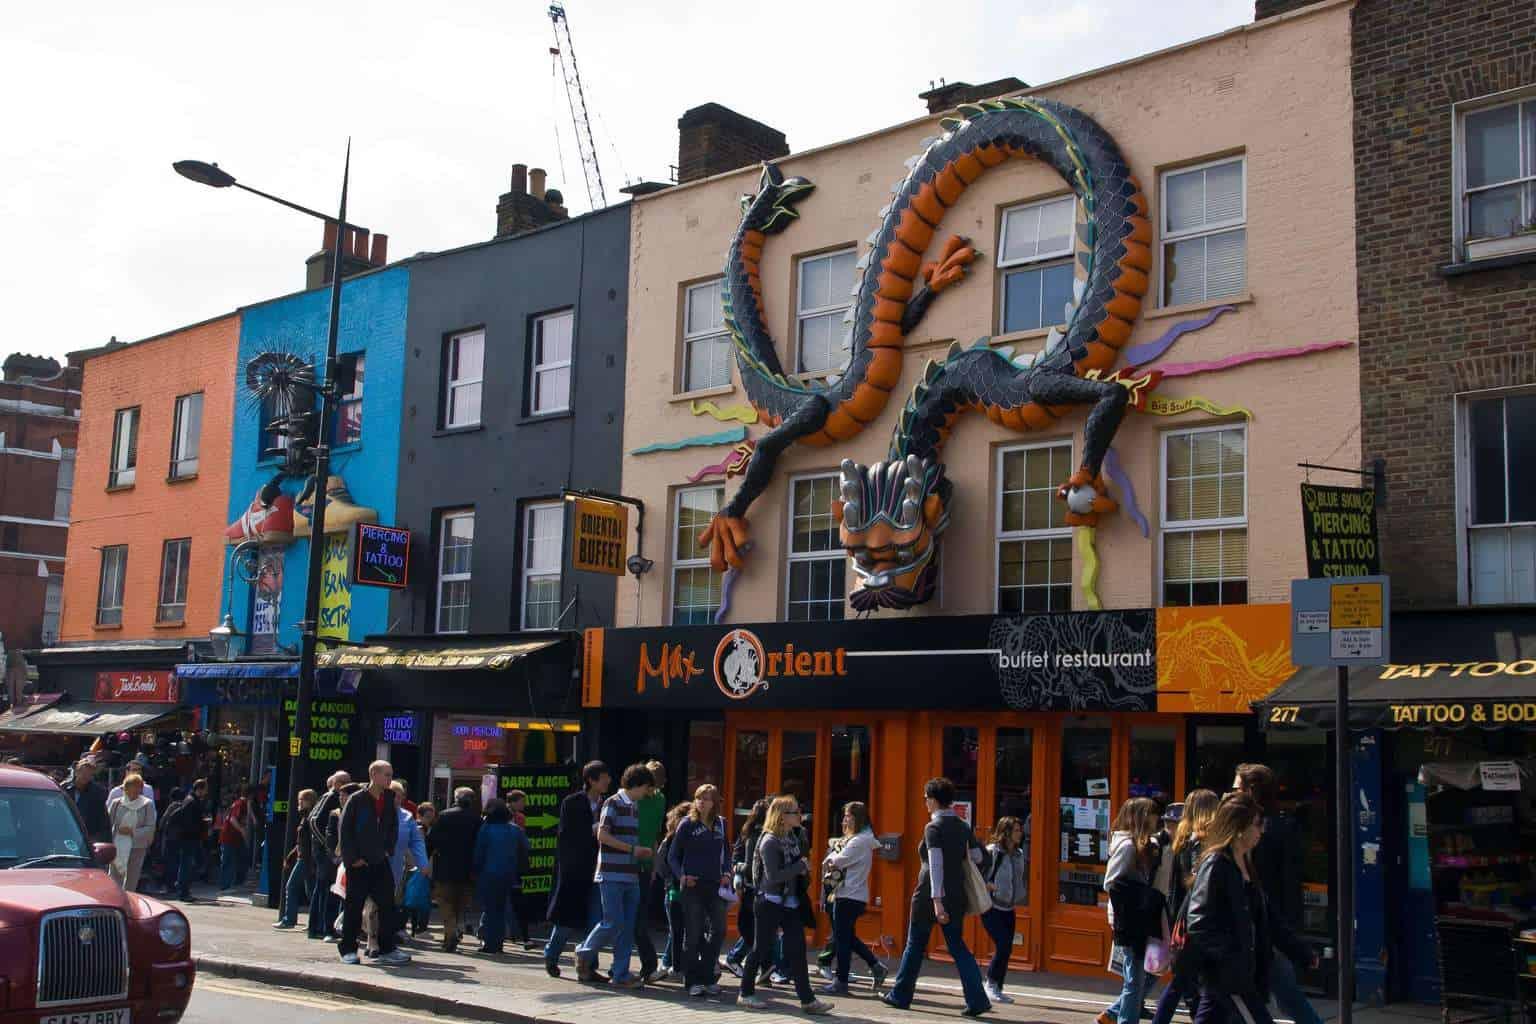 Camden street scene